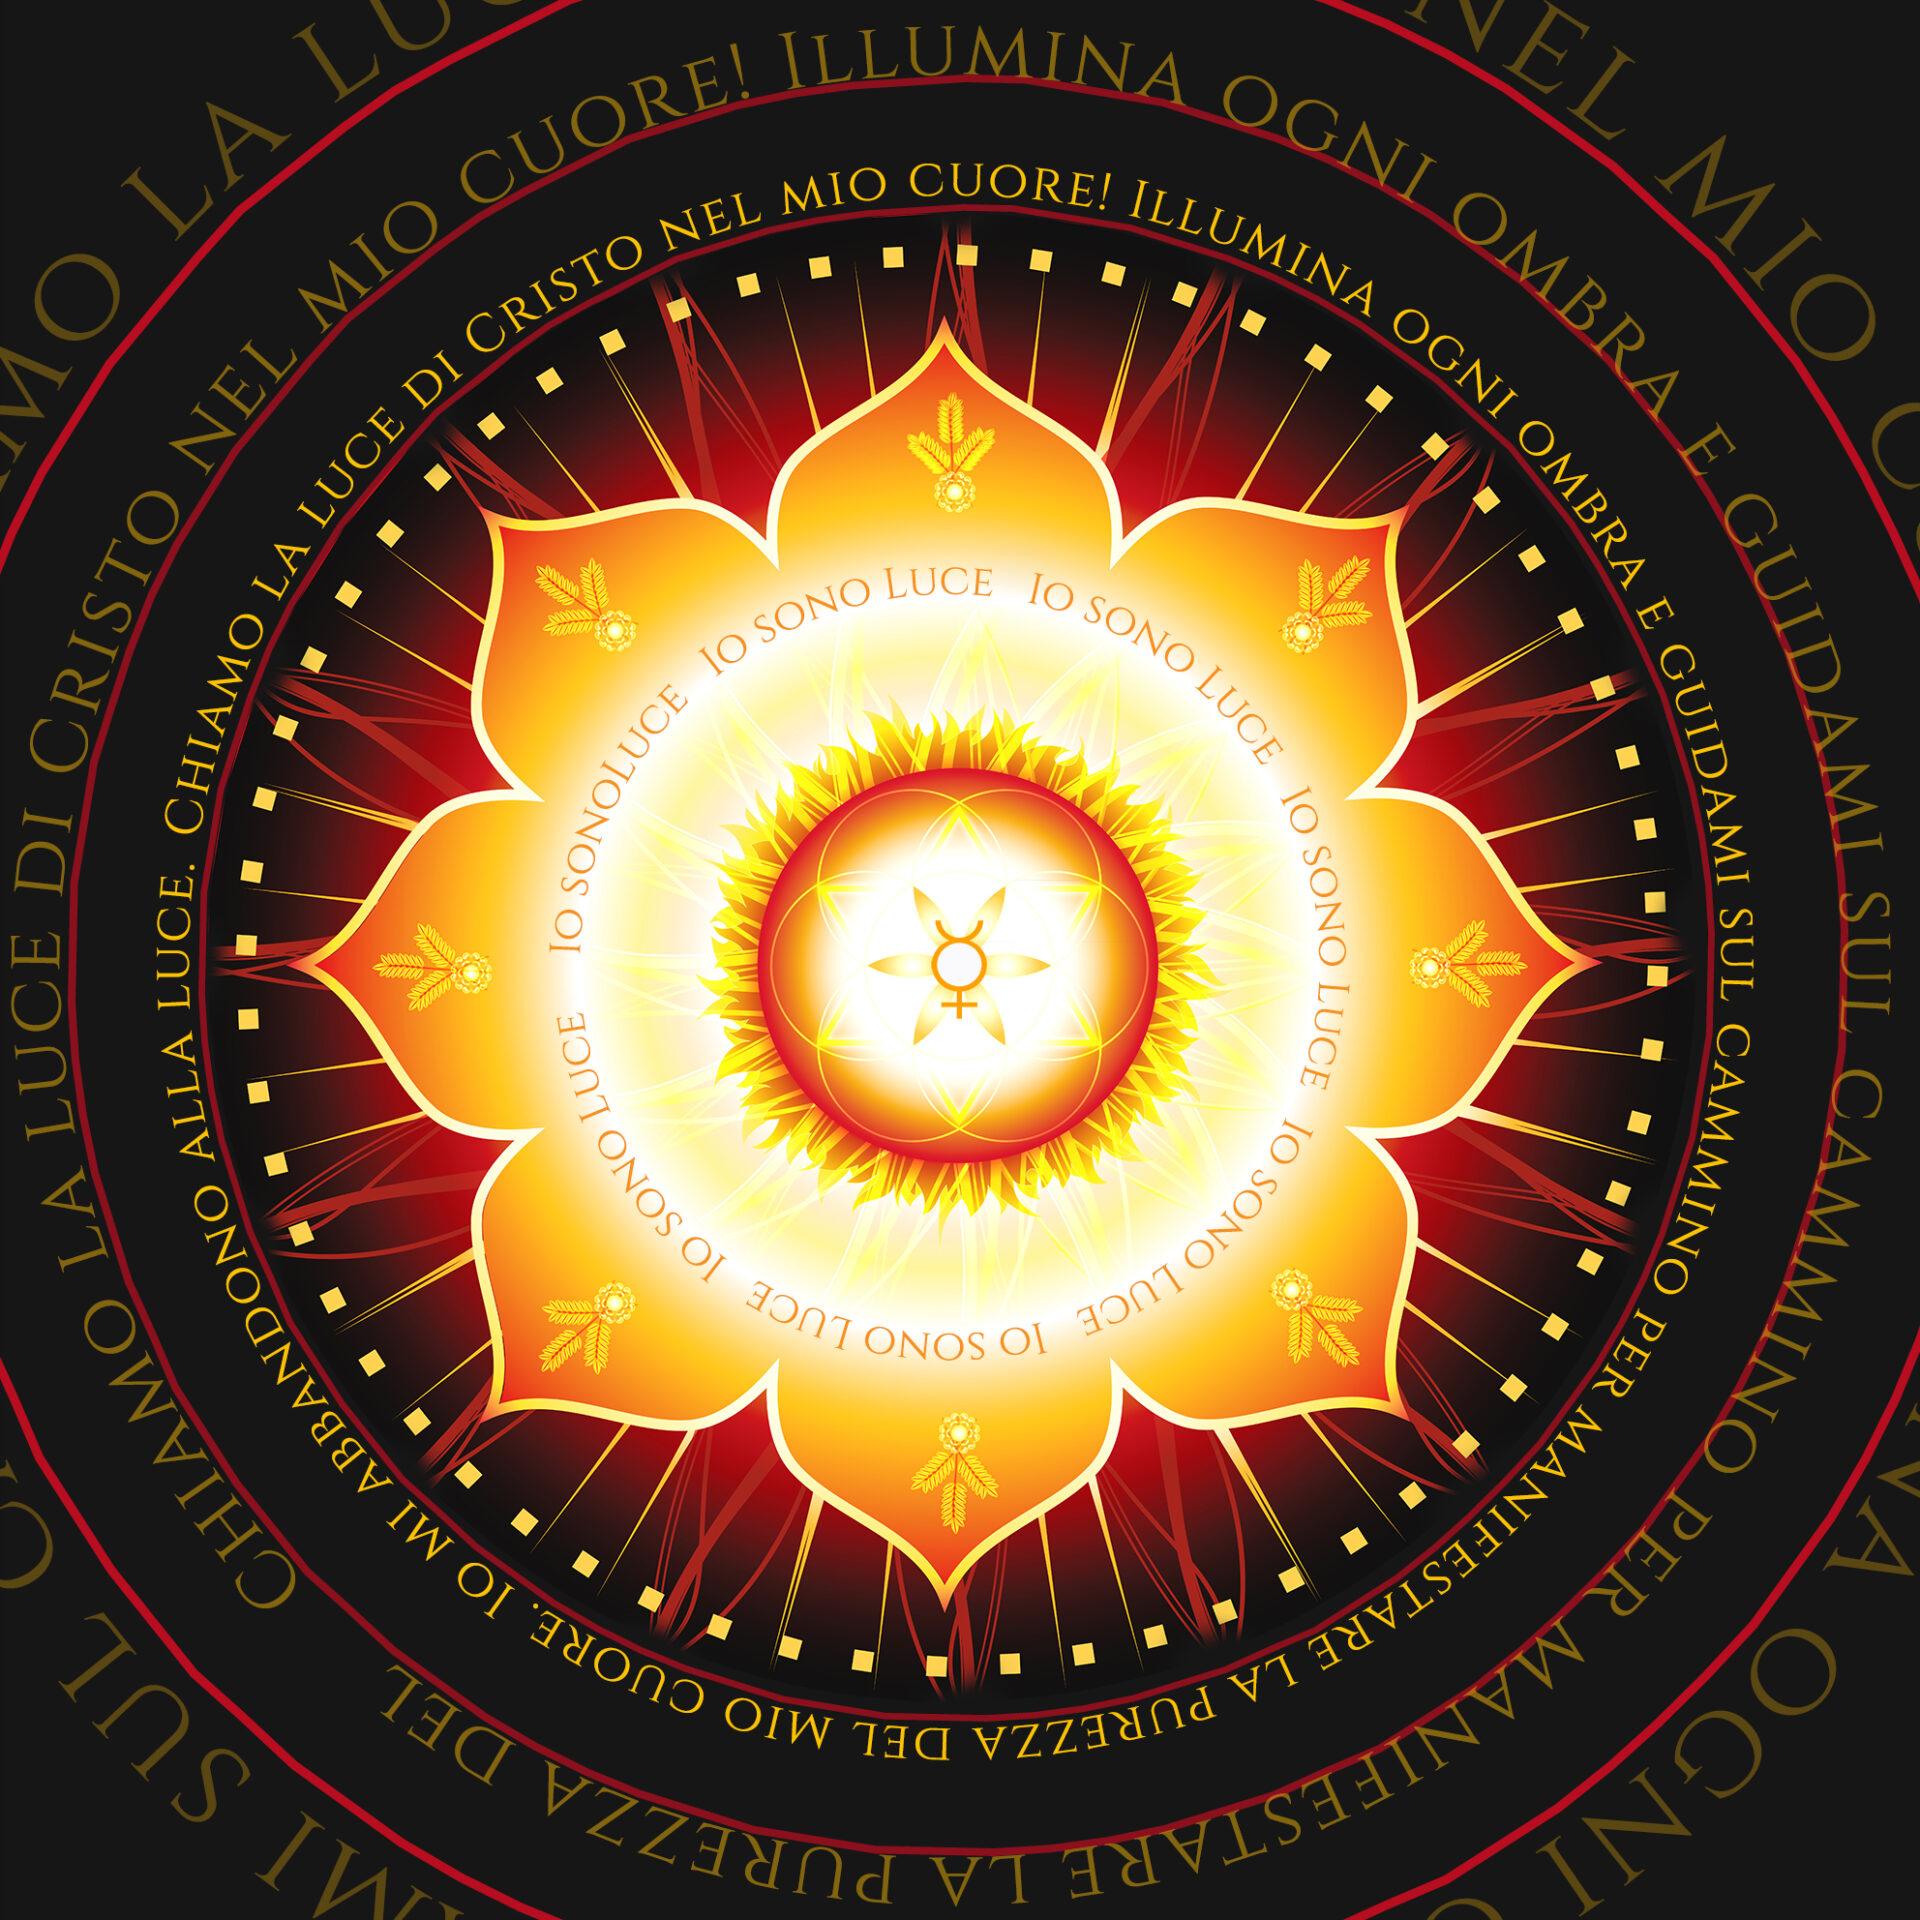 DivineLoveMandalas-alchimia-della-luce